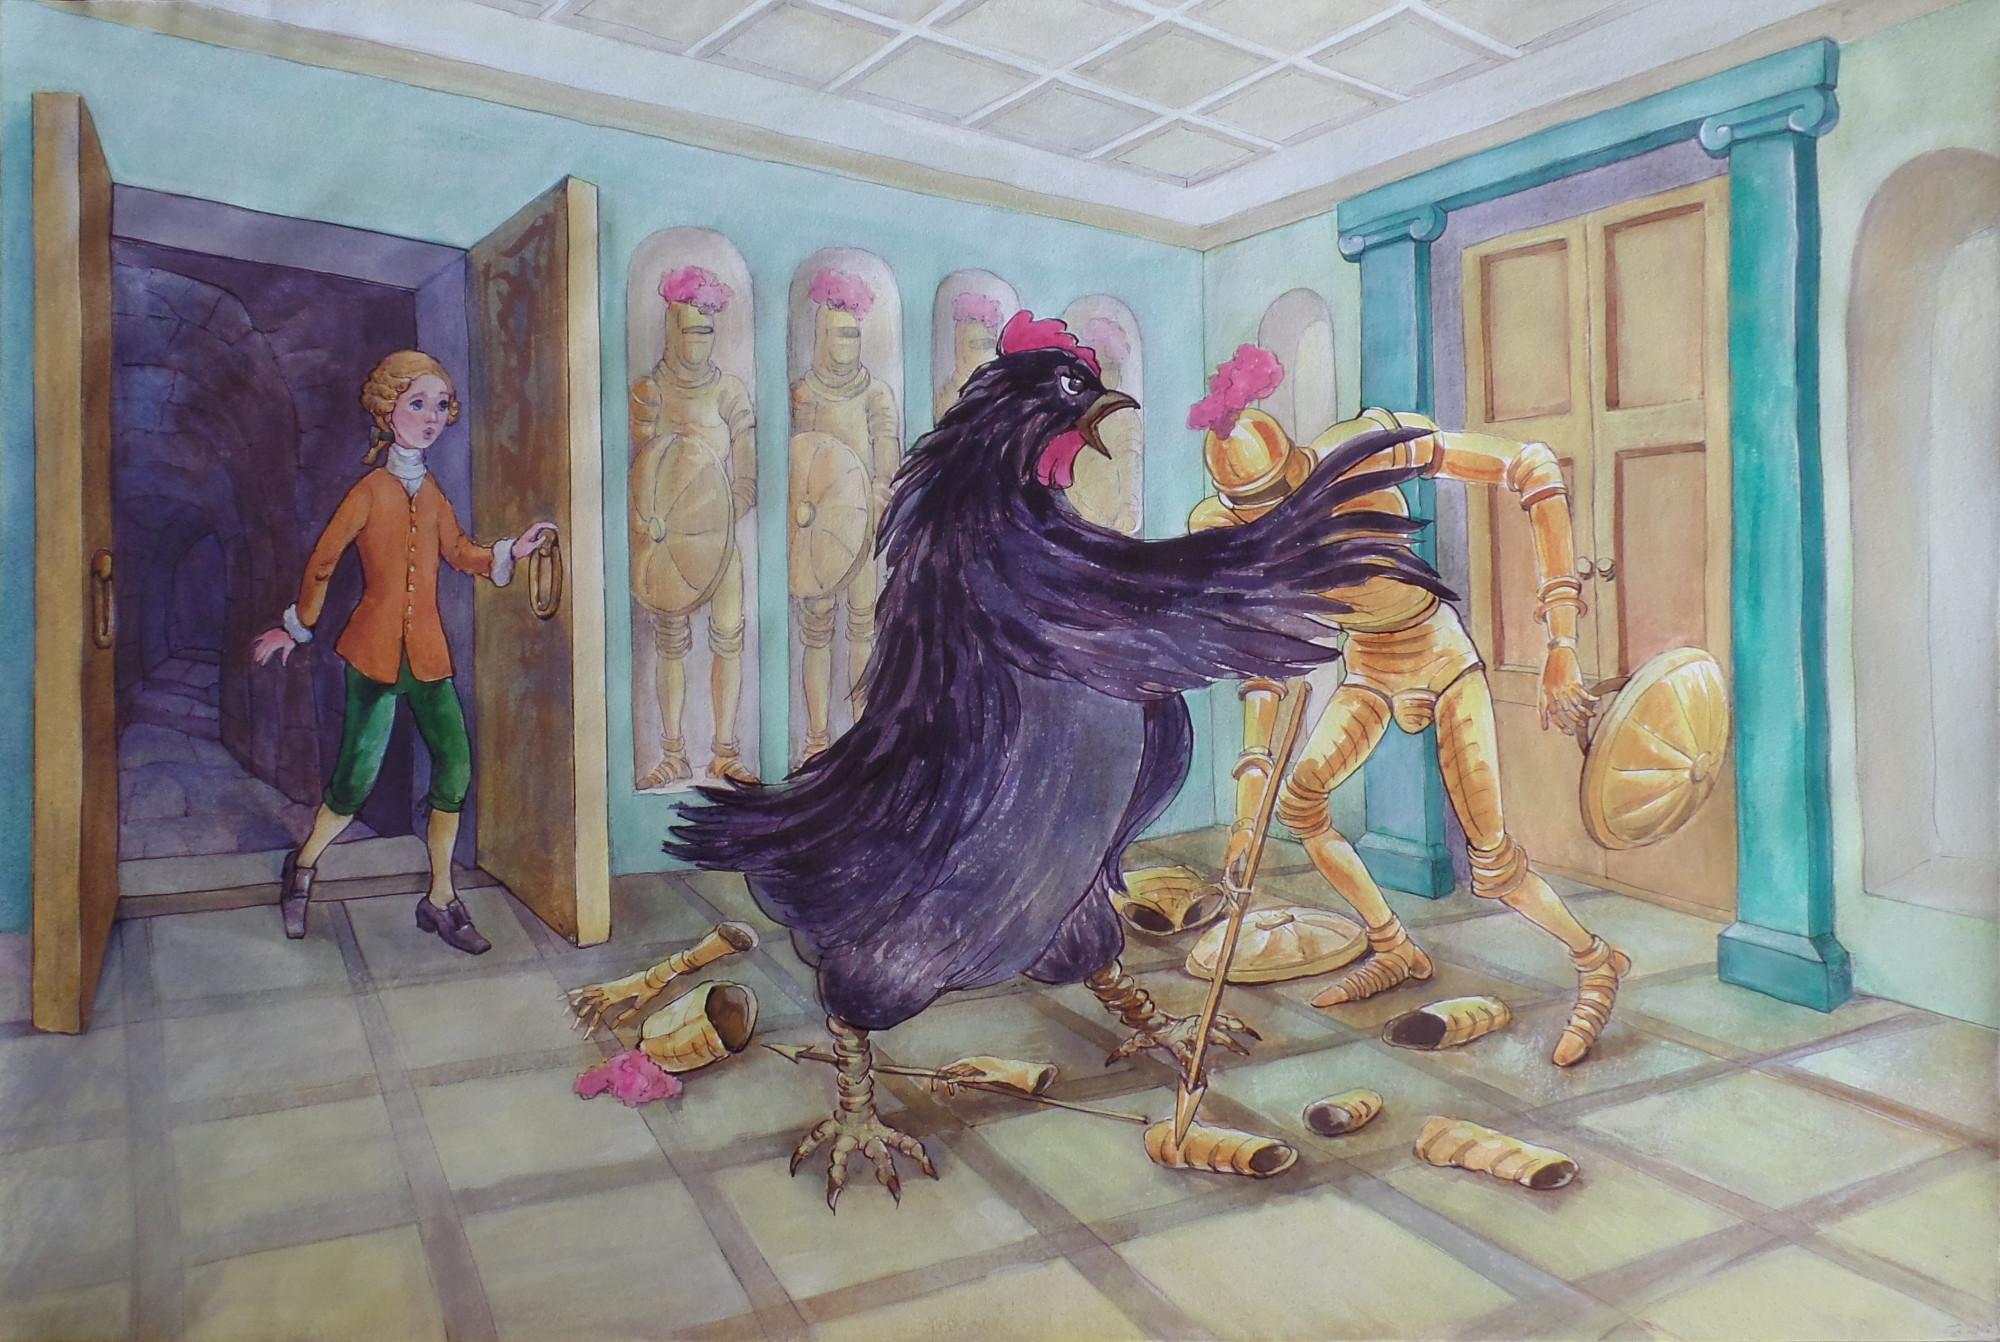 Рисунки к произведению черная курица или подземные жители карандашом